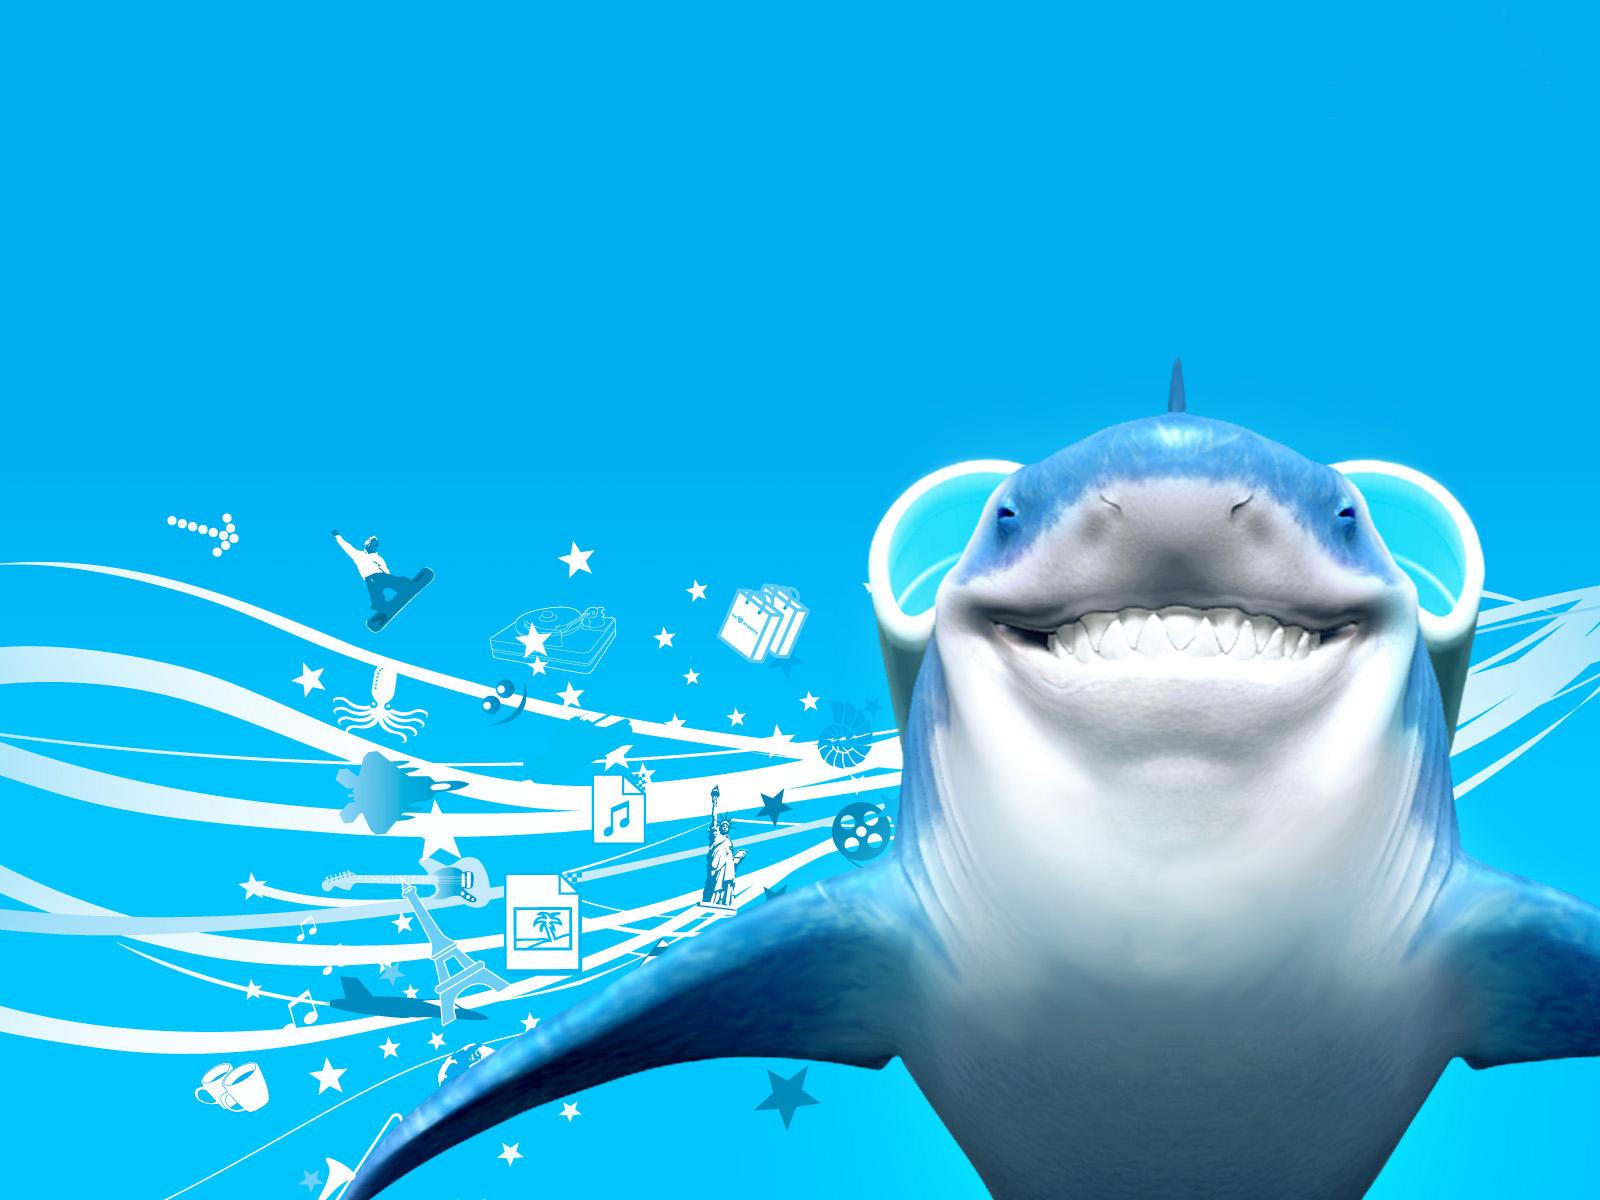 прикольные обои для рабочего стола, акула, скачать